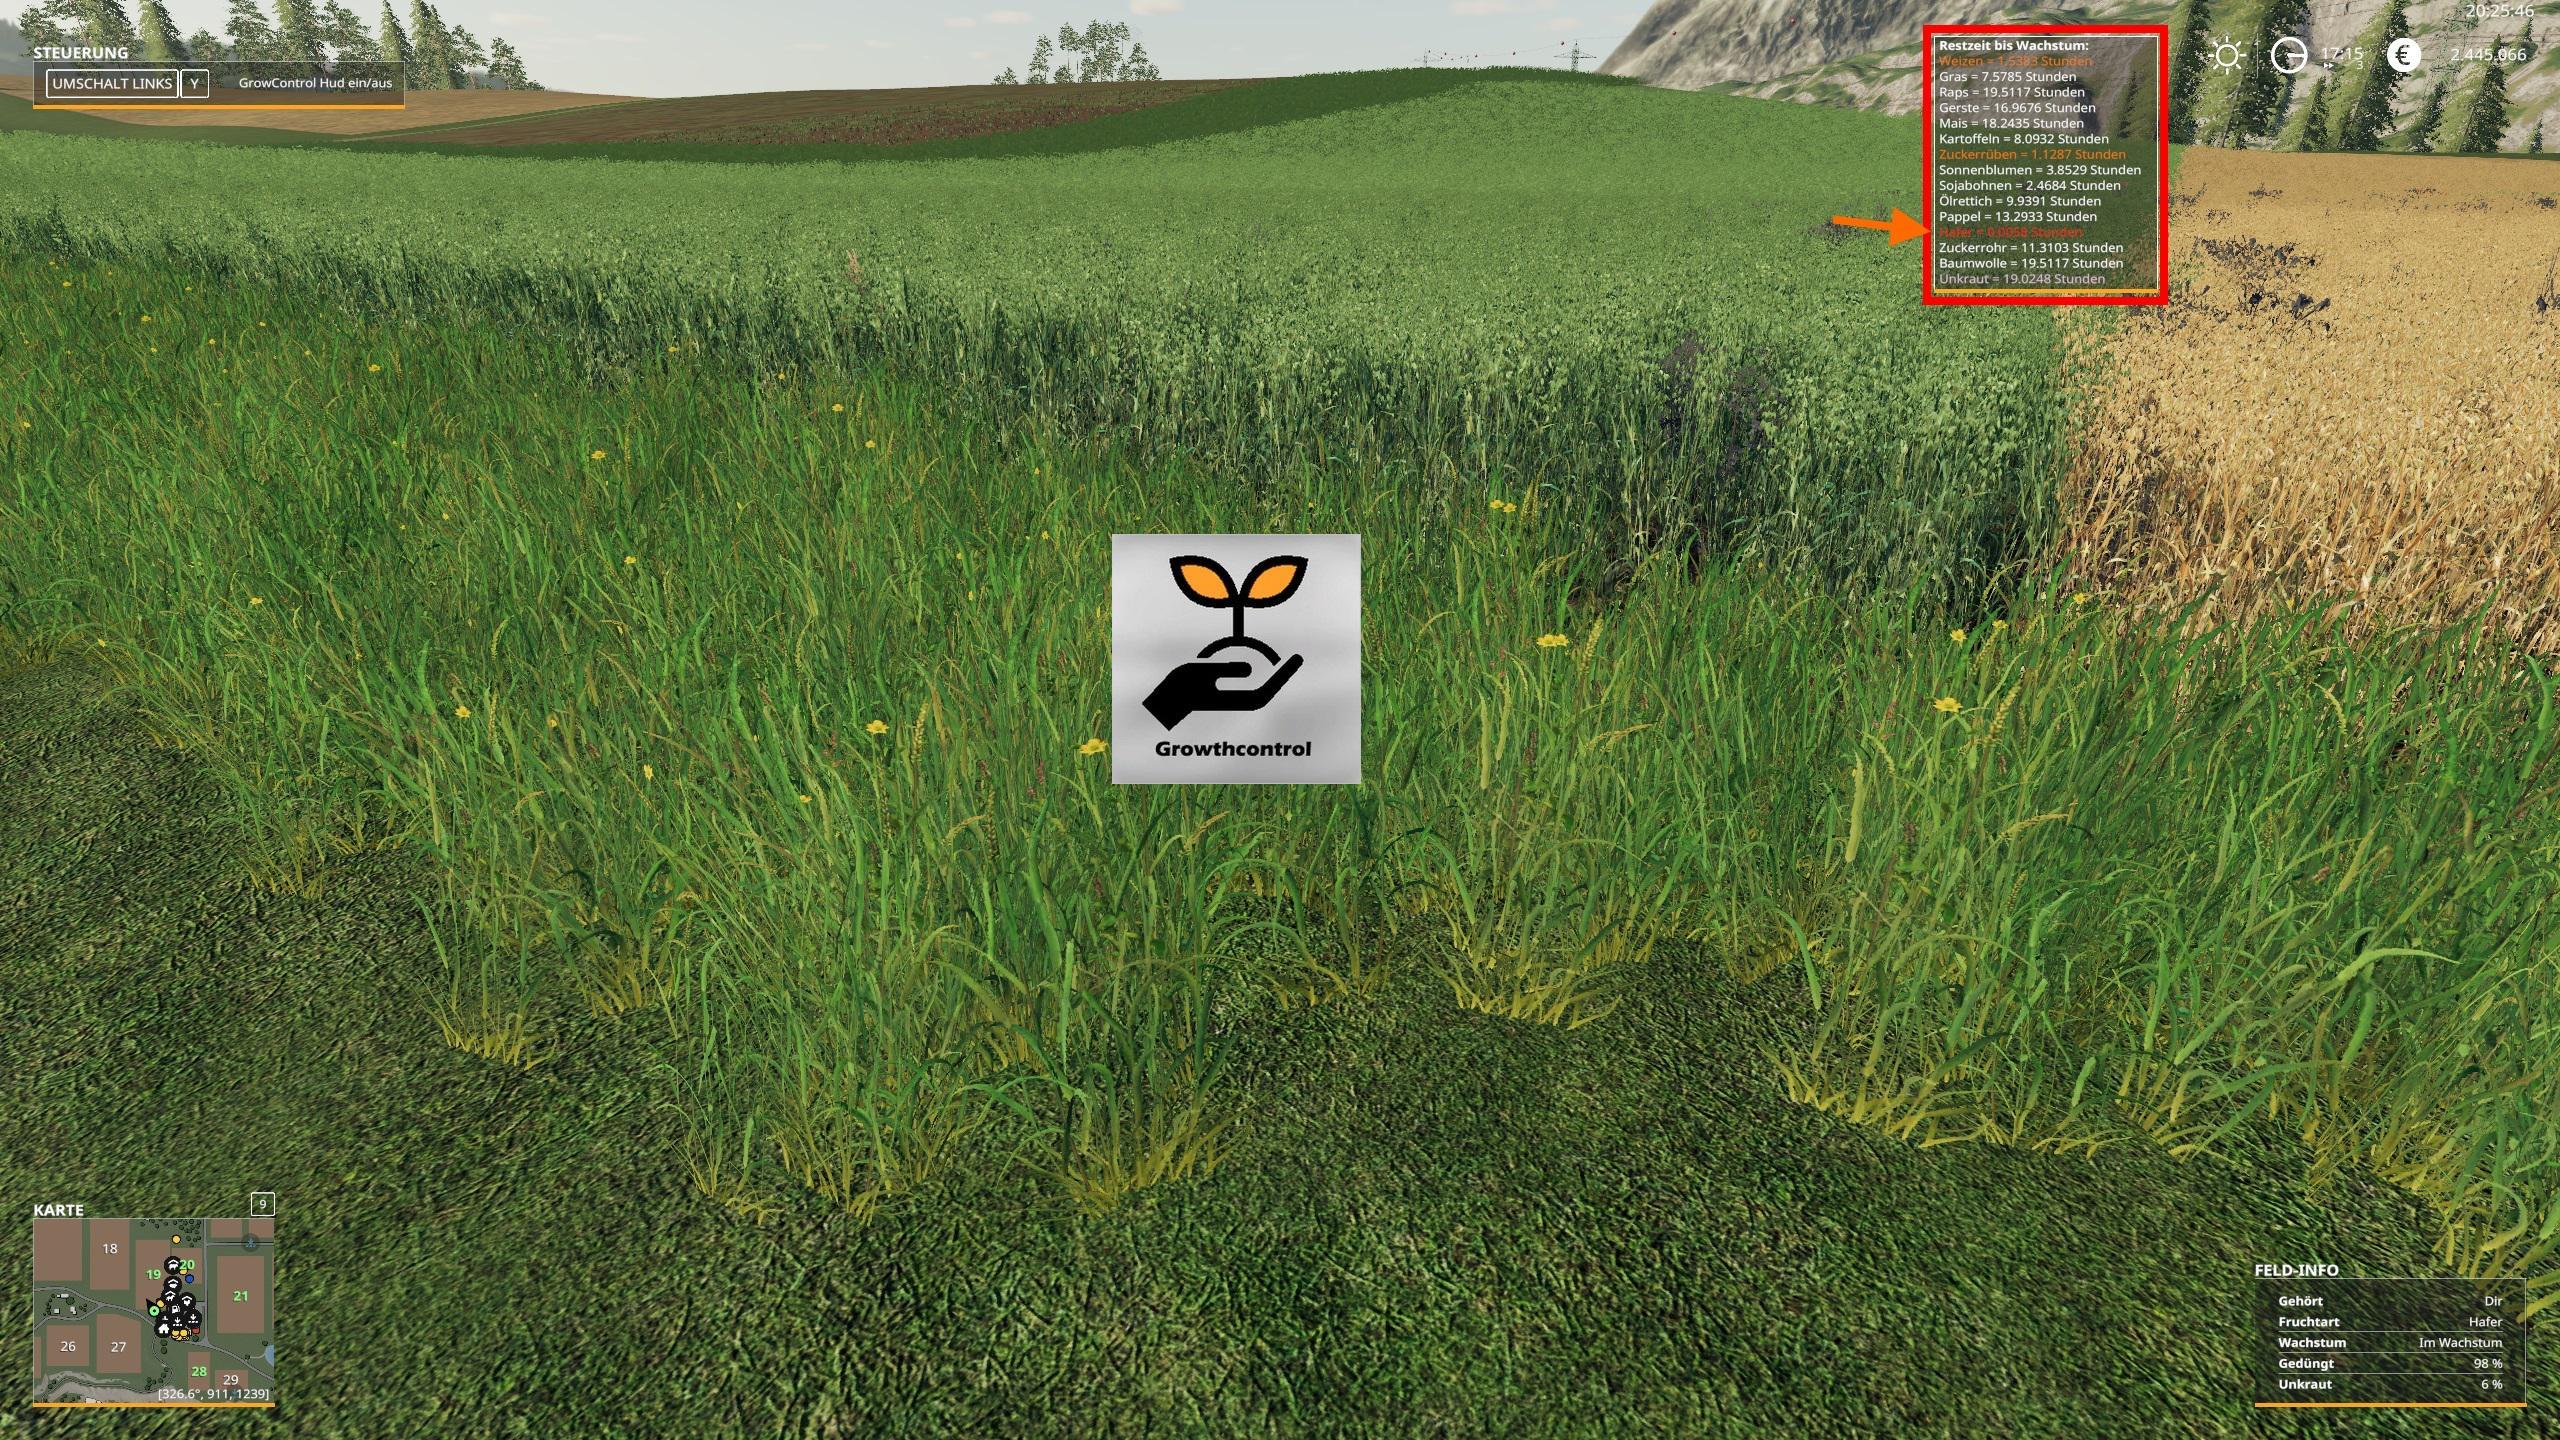 Growth Control v 1 0 | FS19 mods, Farming simulator 19 mods